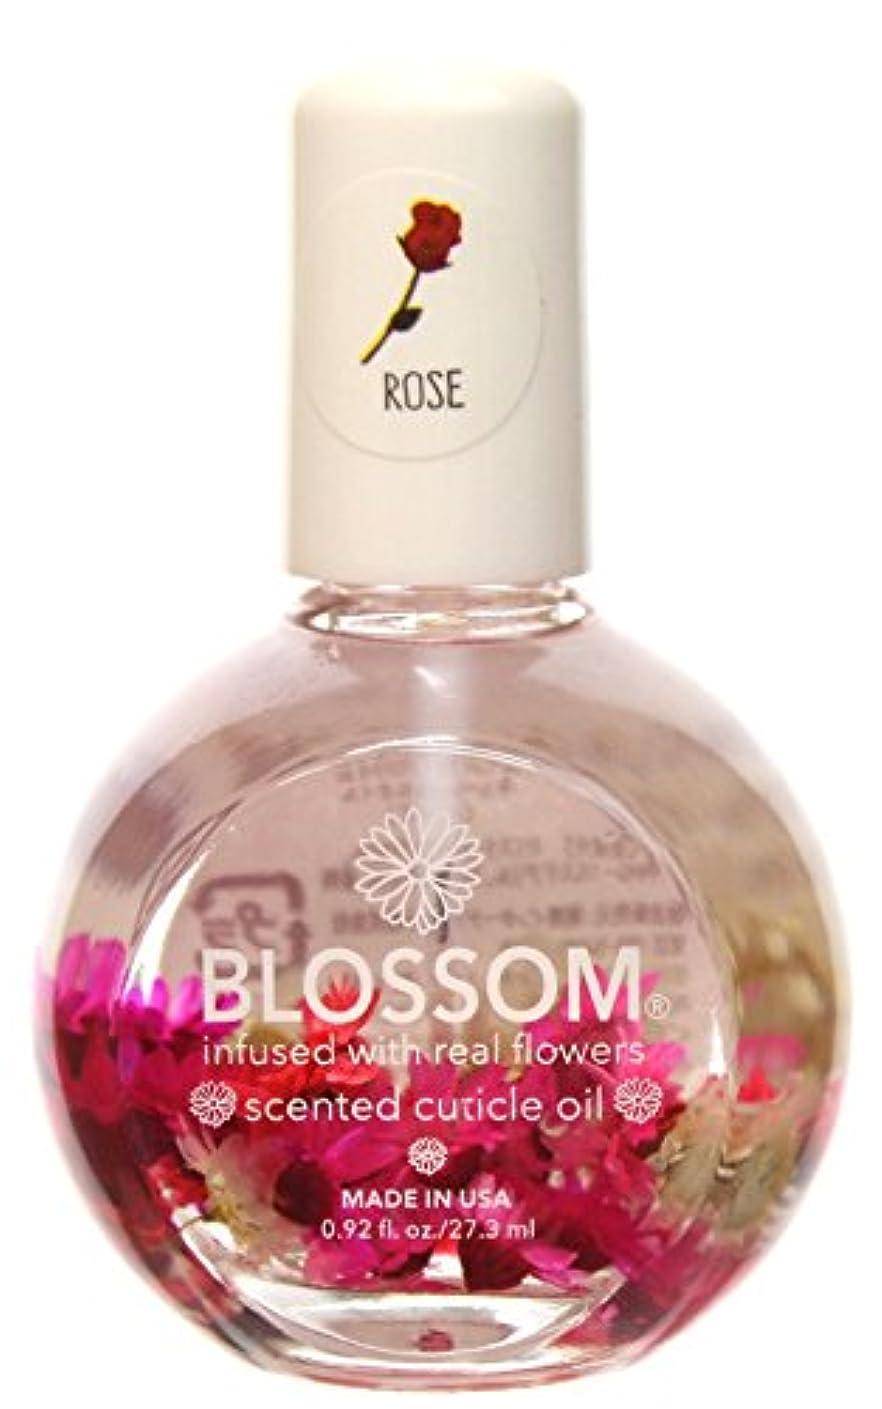 集まるアデレード変動するBlossom ネイルオイル フラワー ローズ 30ml ハワイ お土産 ハワイアン雑貨